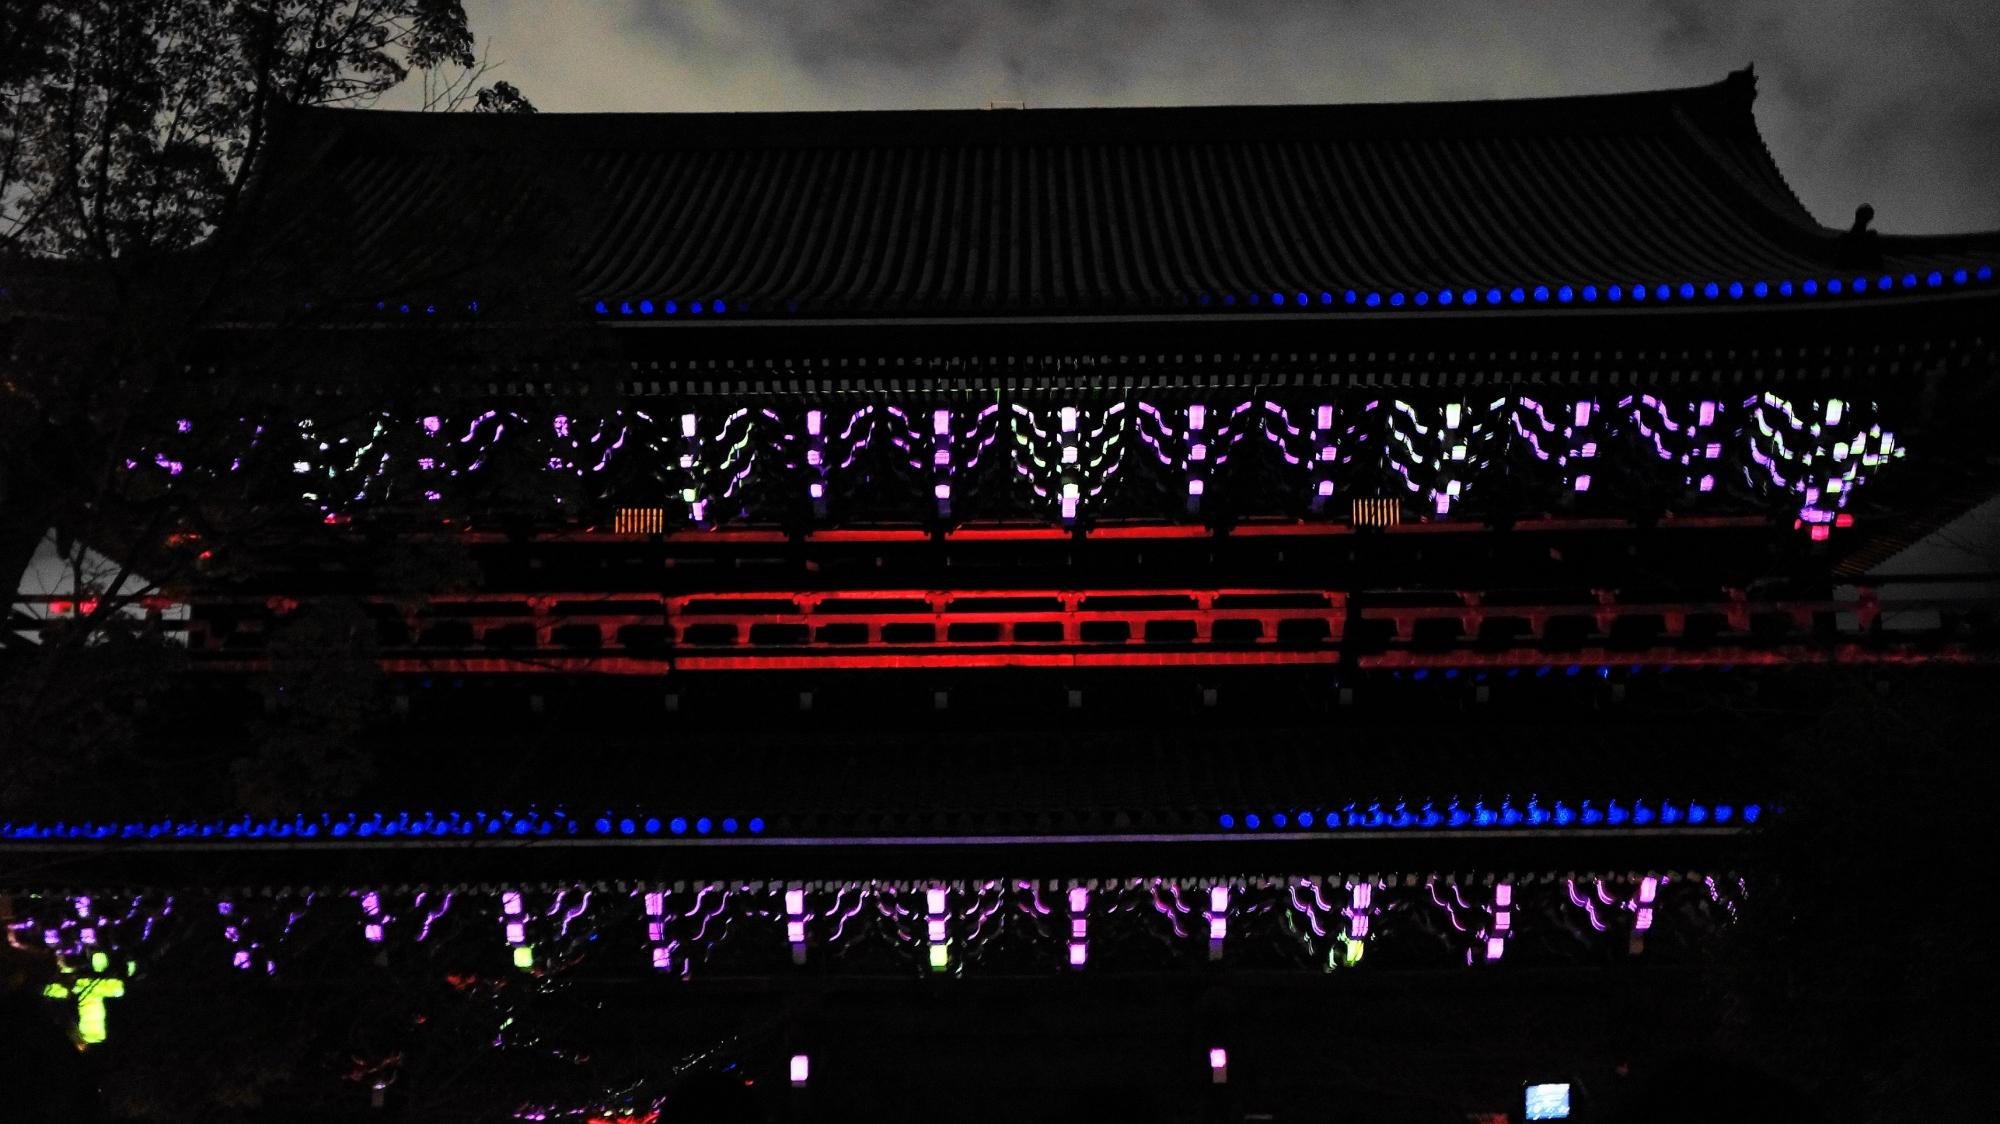 京都東山花灯路での幻想的な知恩院三門のプロジェクションマッピング「幻想の灯り」